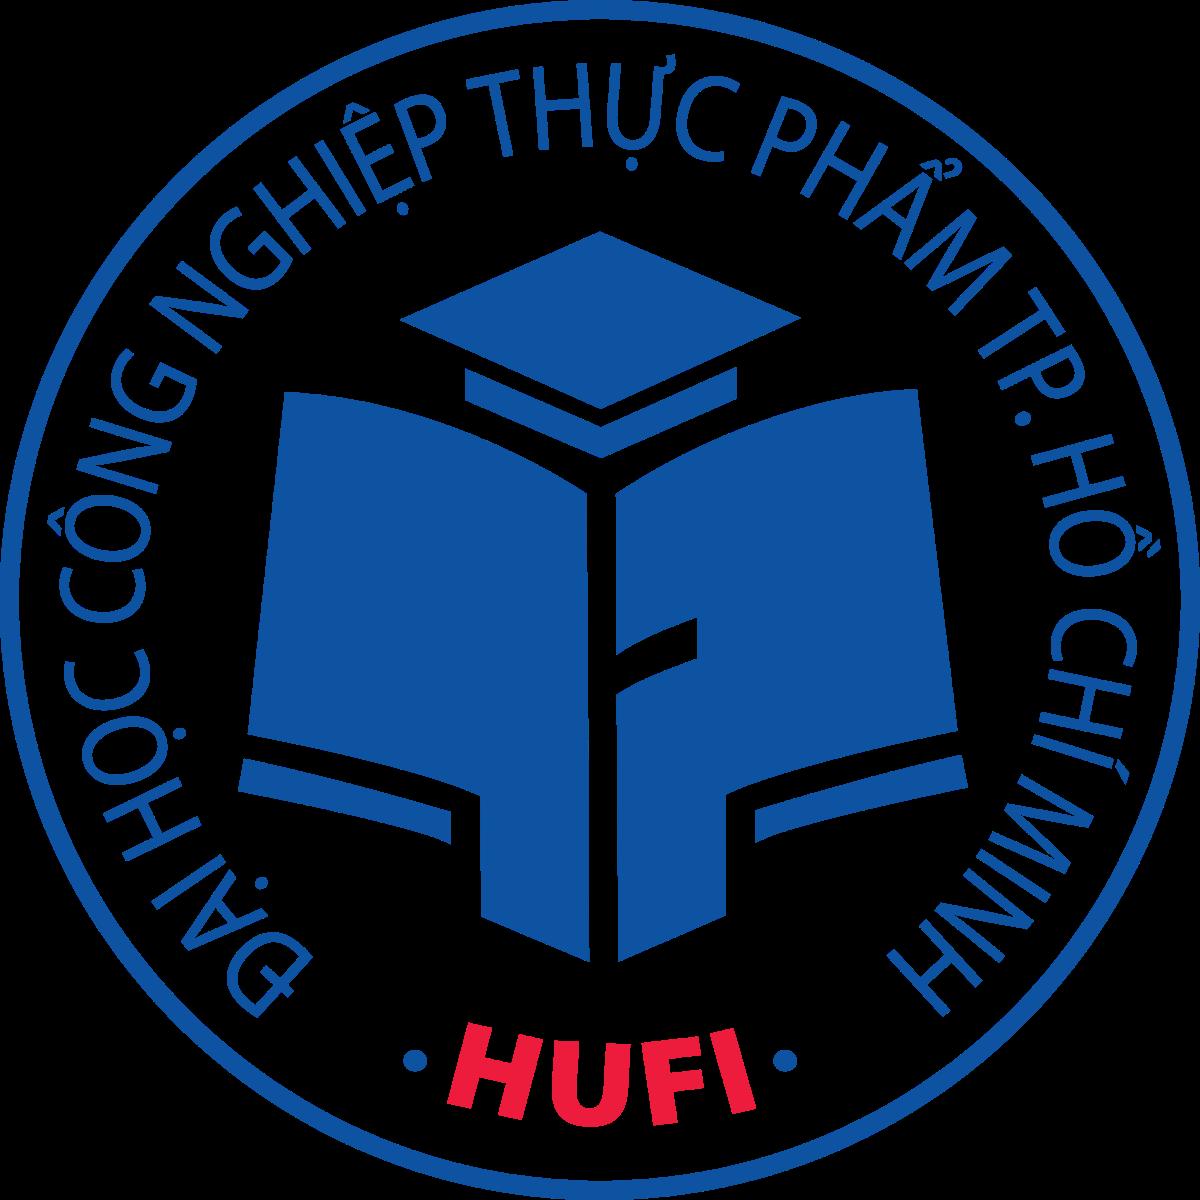 Logo DH Cong nghiep Thuc pham Thanh pho Ho Chi Minh